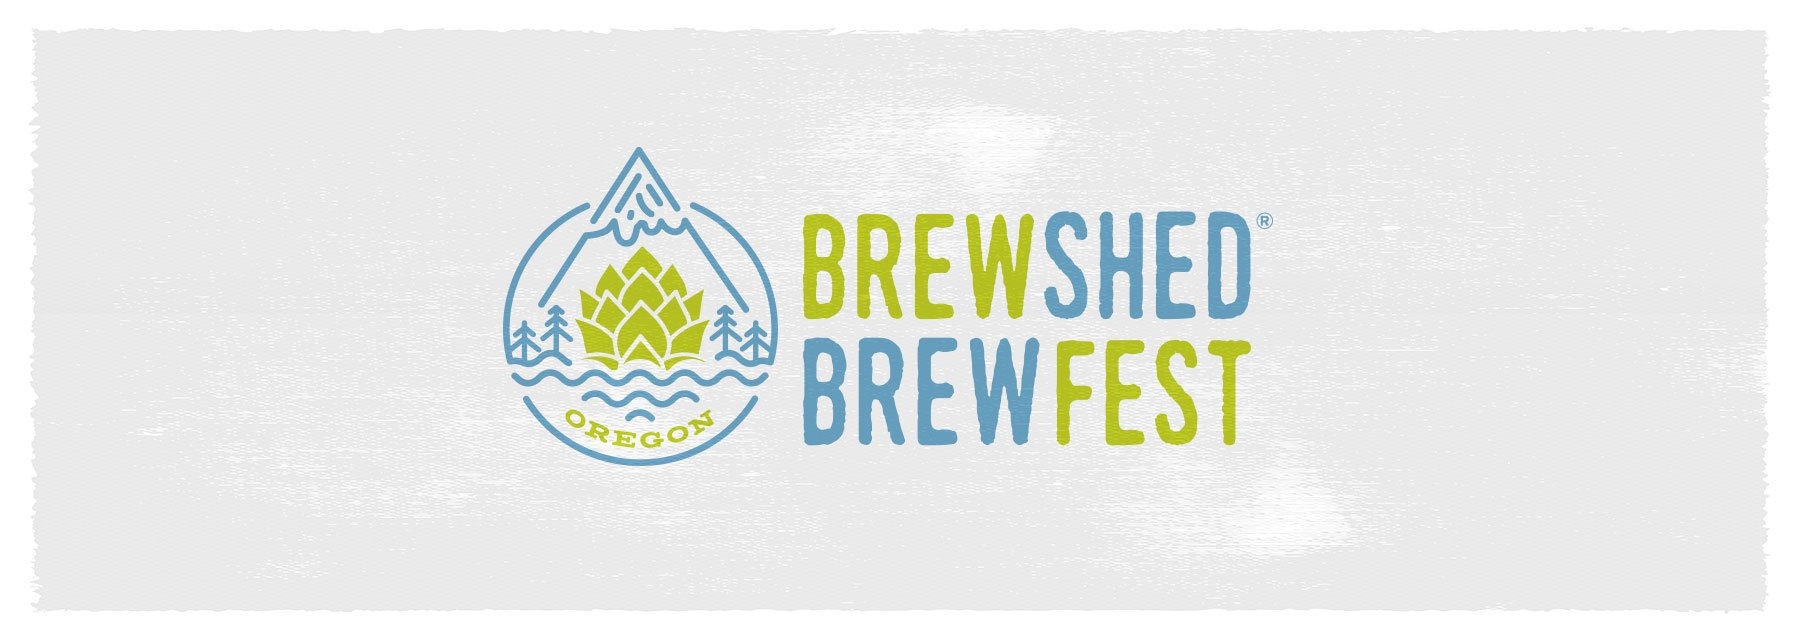 Brewshed Brewfest Logo